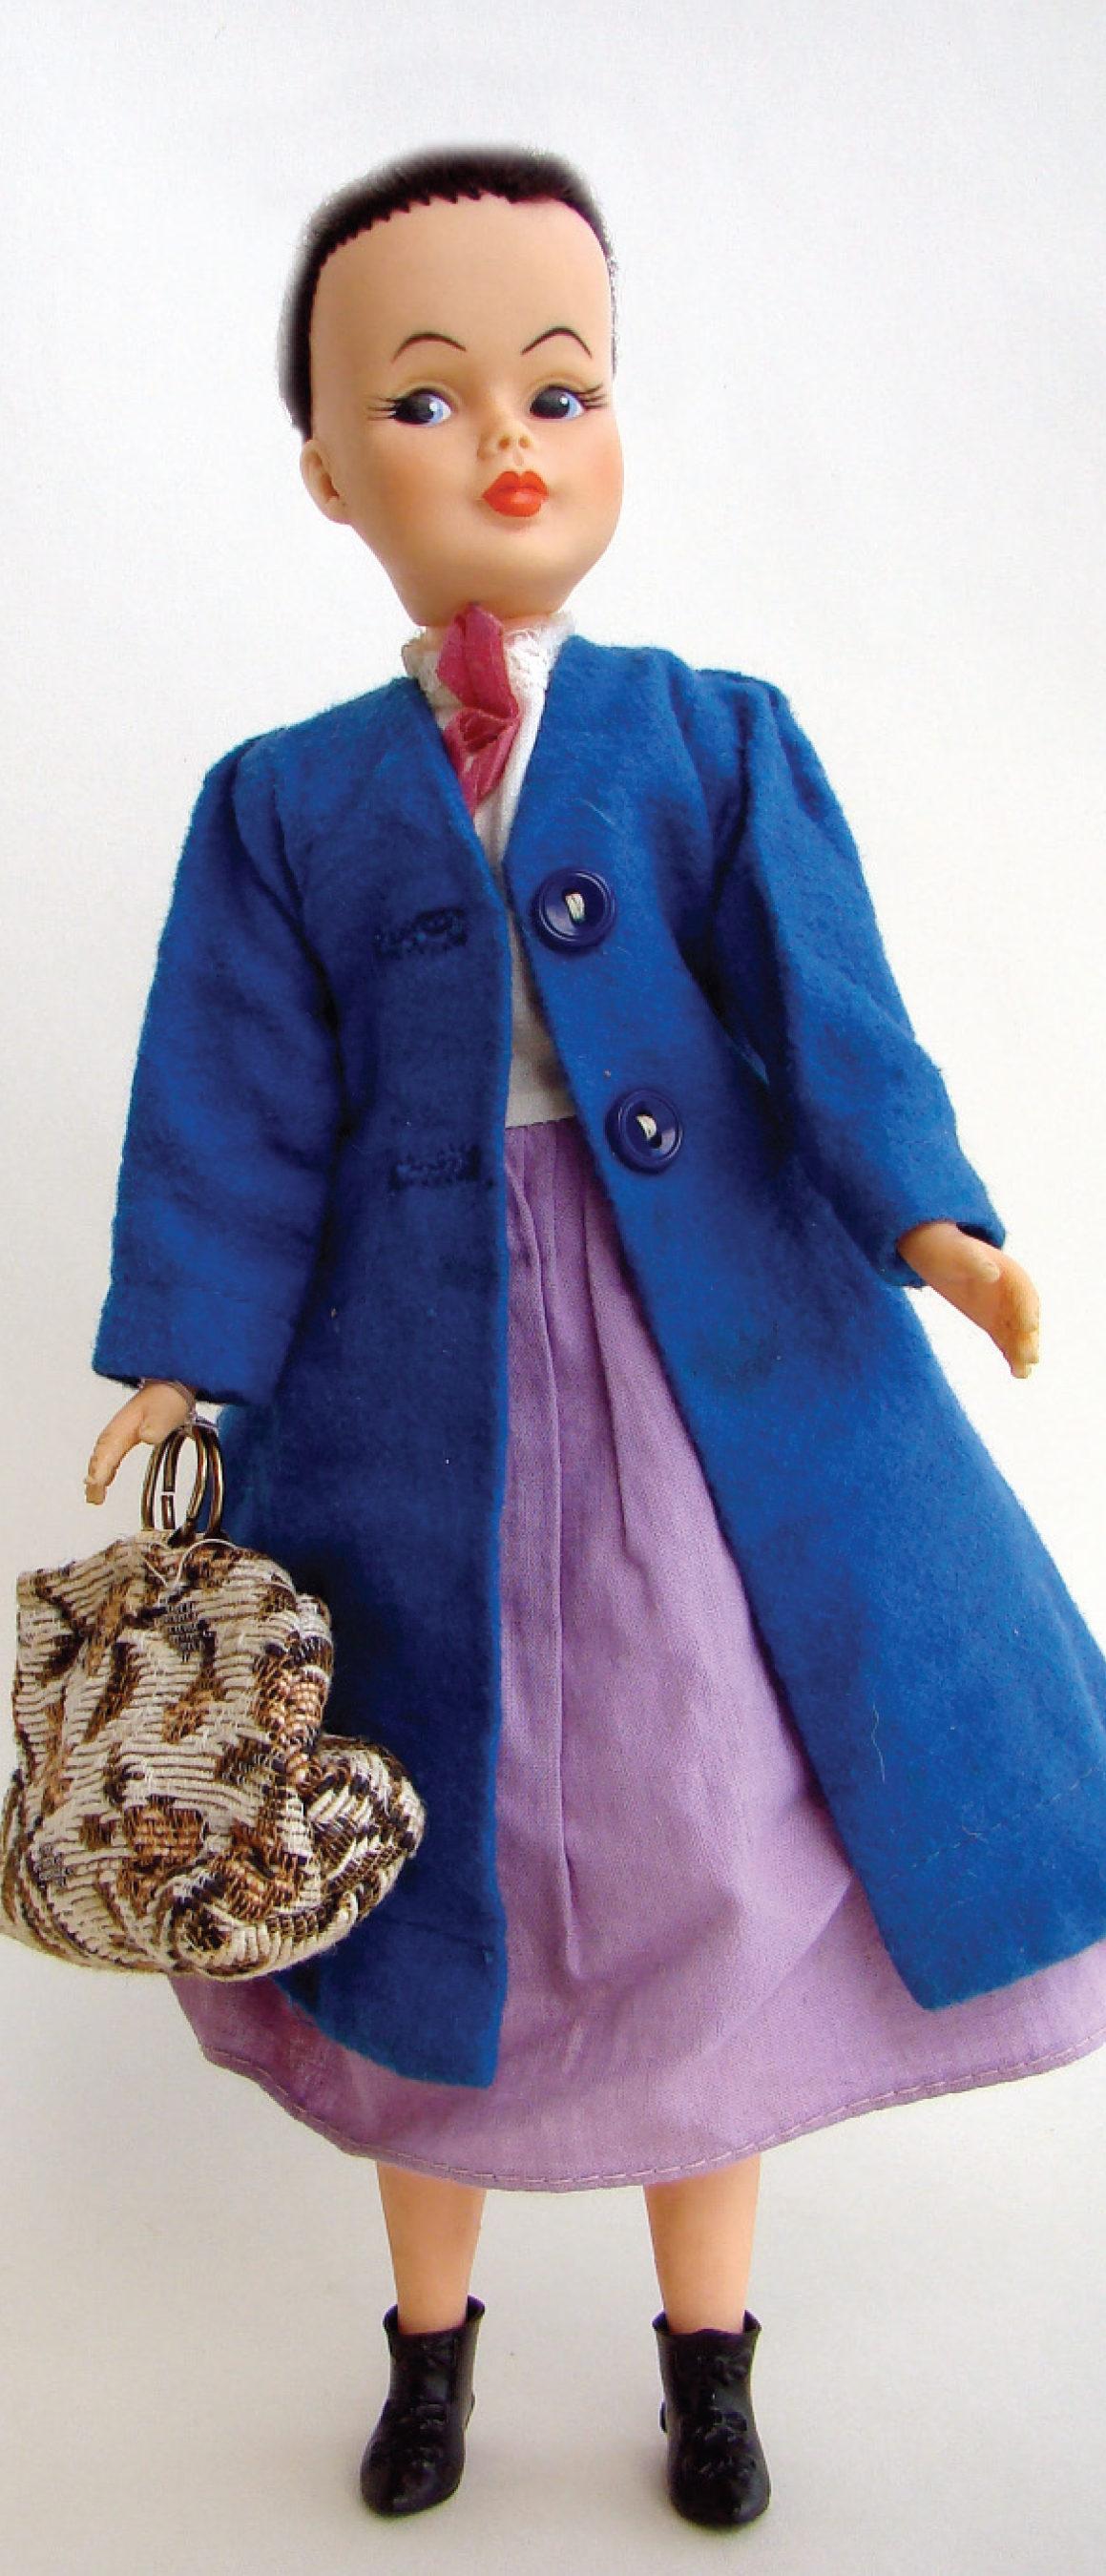 Altro Bambole Mary Poppins Bambola Horseman Vintage Doll Bambole Fashion